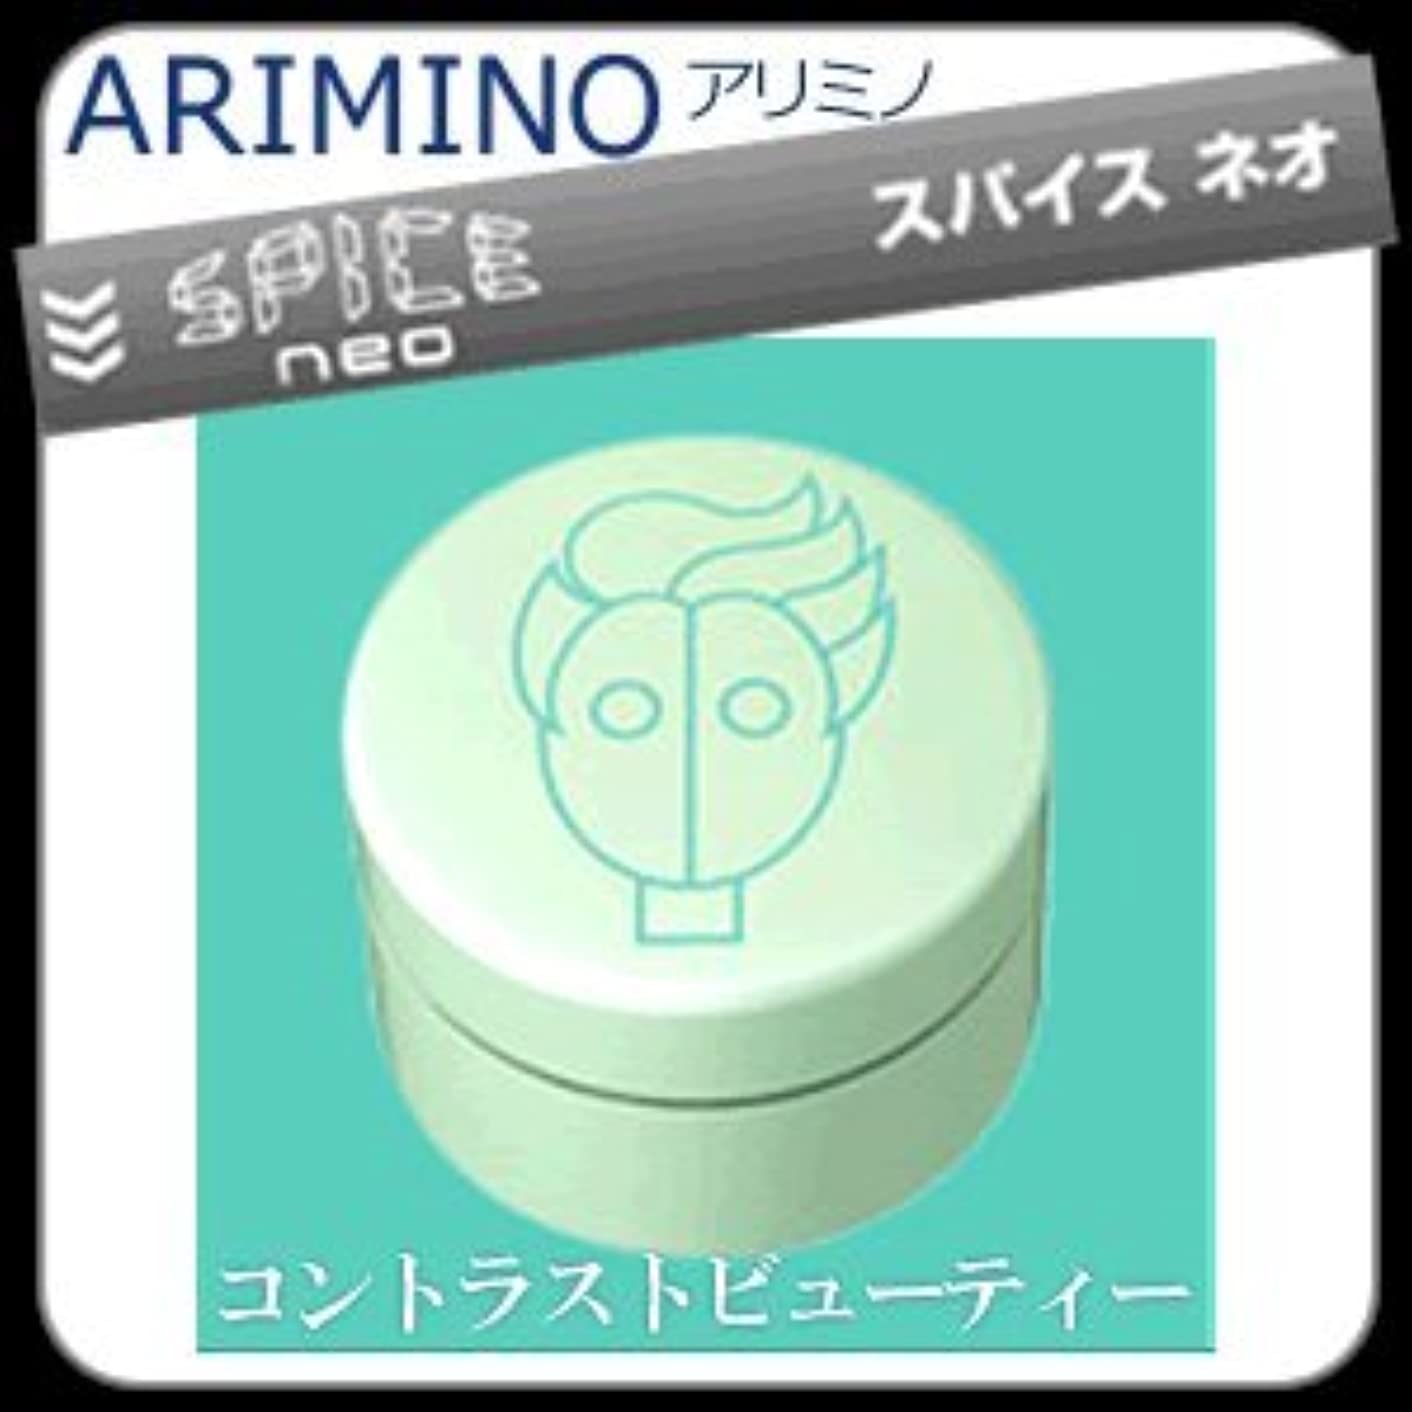 到着する幸運なことに郵便物【X2個セット】 アリミノ スパイスネオ GREASE-WAX グリースワックス 100g ARIMINO SPICE neo